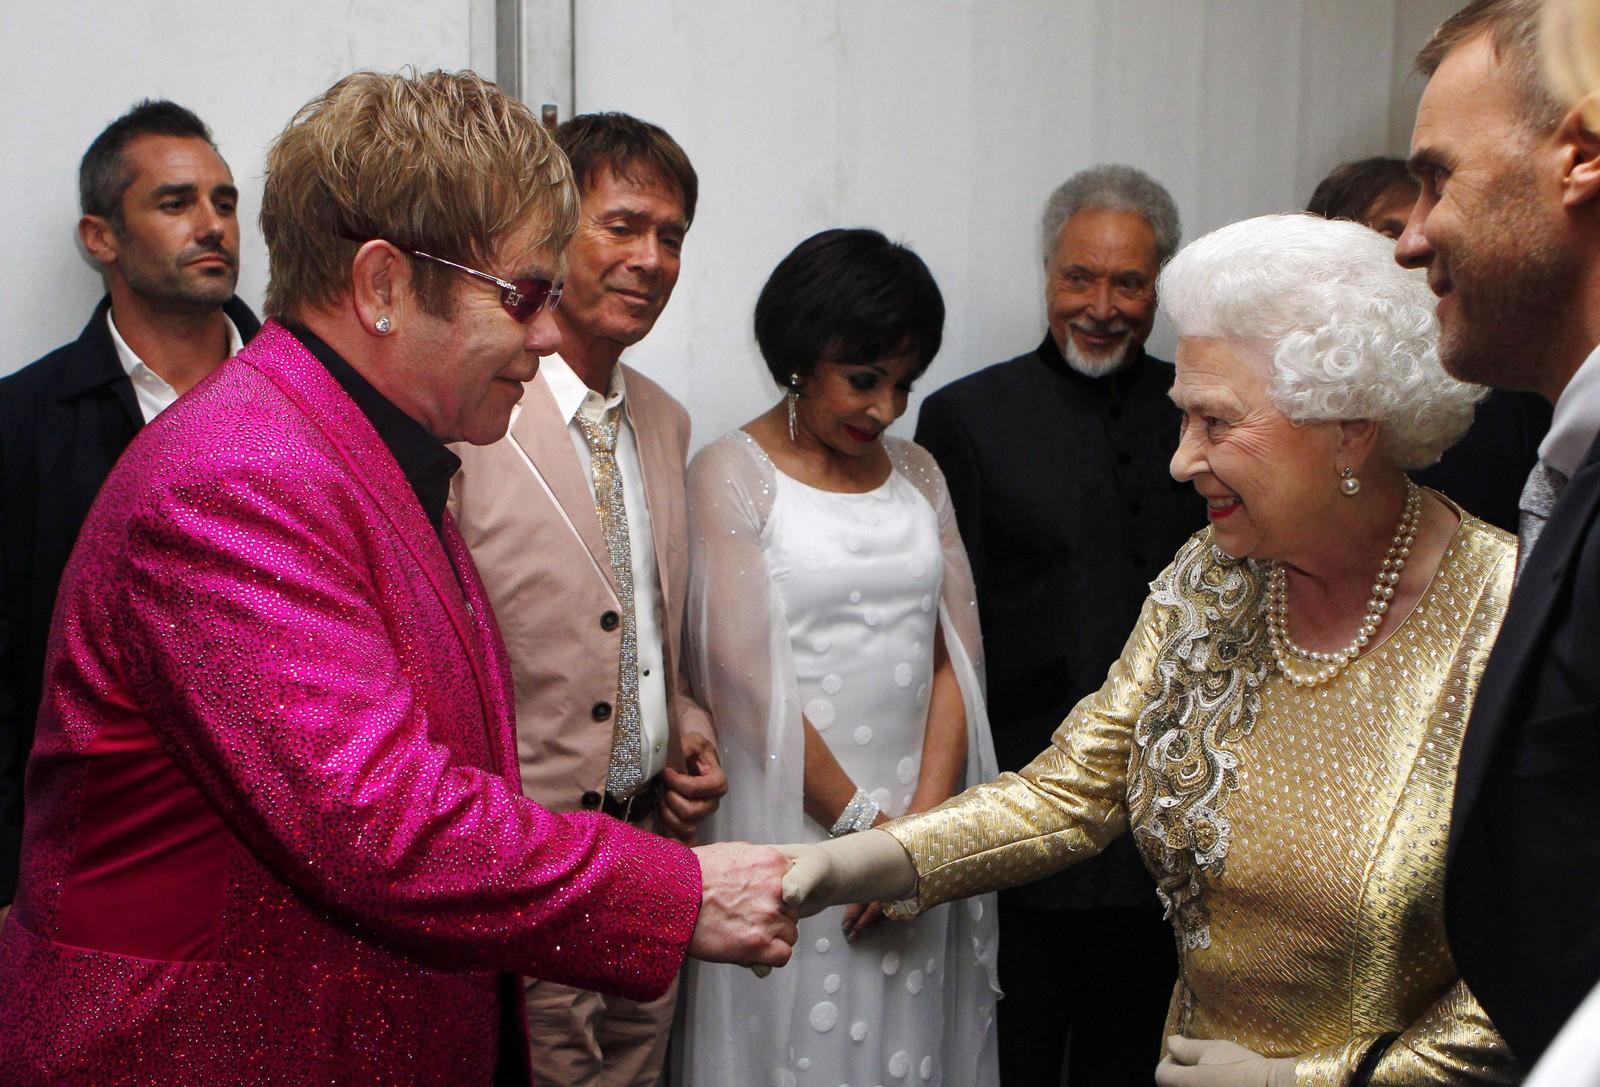 2012: I anledning dronning Elizabeth sitt 60-års regentjubileum blei det arrangert ein diger konsert på Buckingham Palace i London. Her er dronninga backstage og helsar på Elton John, eit av høgdepunkta under jubileumskonserten.